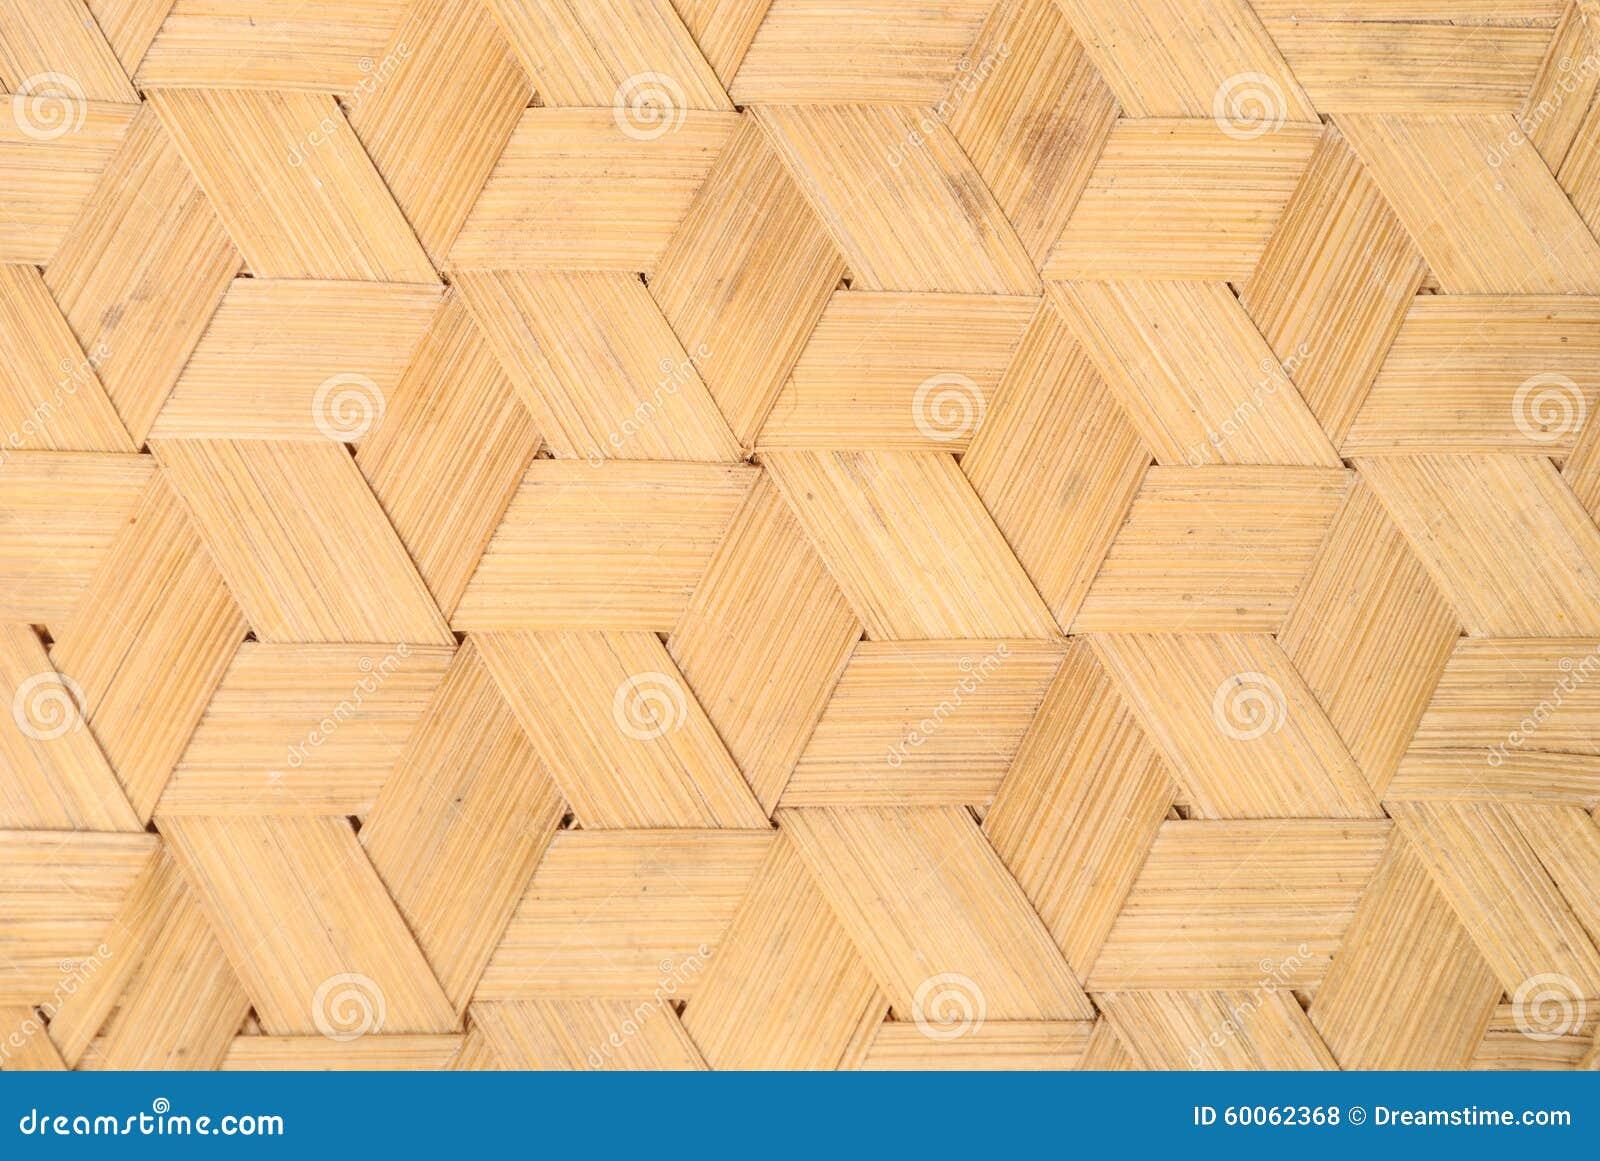 Texture de kratib